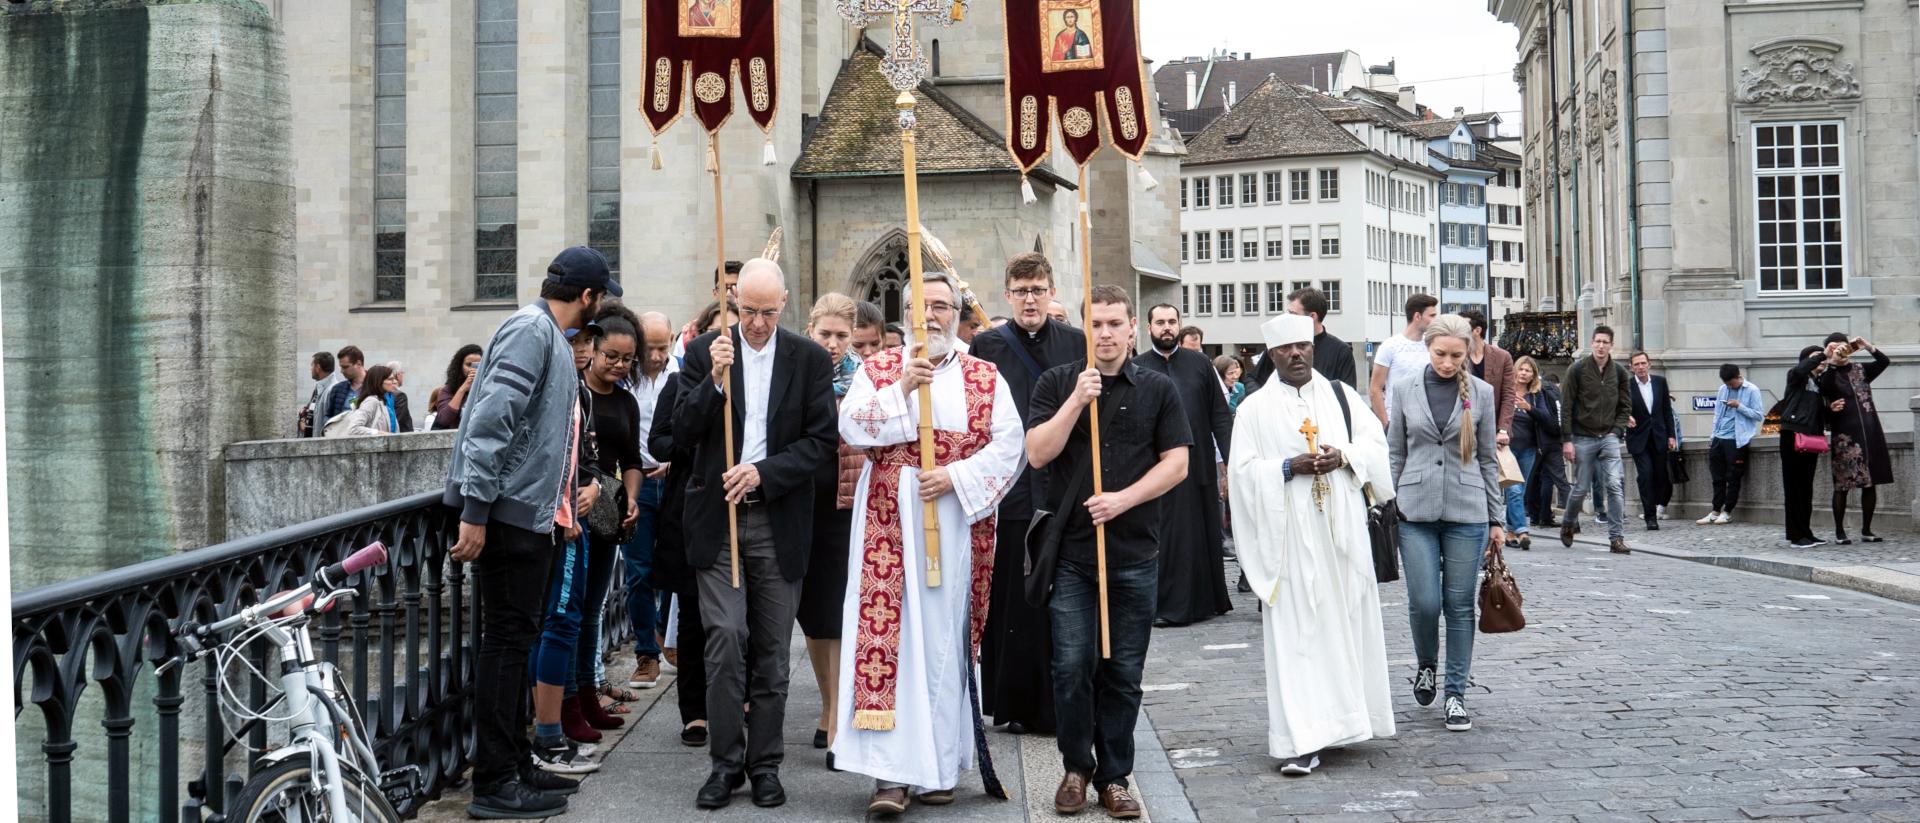 Prozession vor dem Fraumünster in Zürich